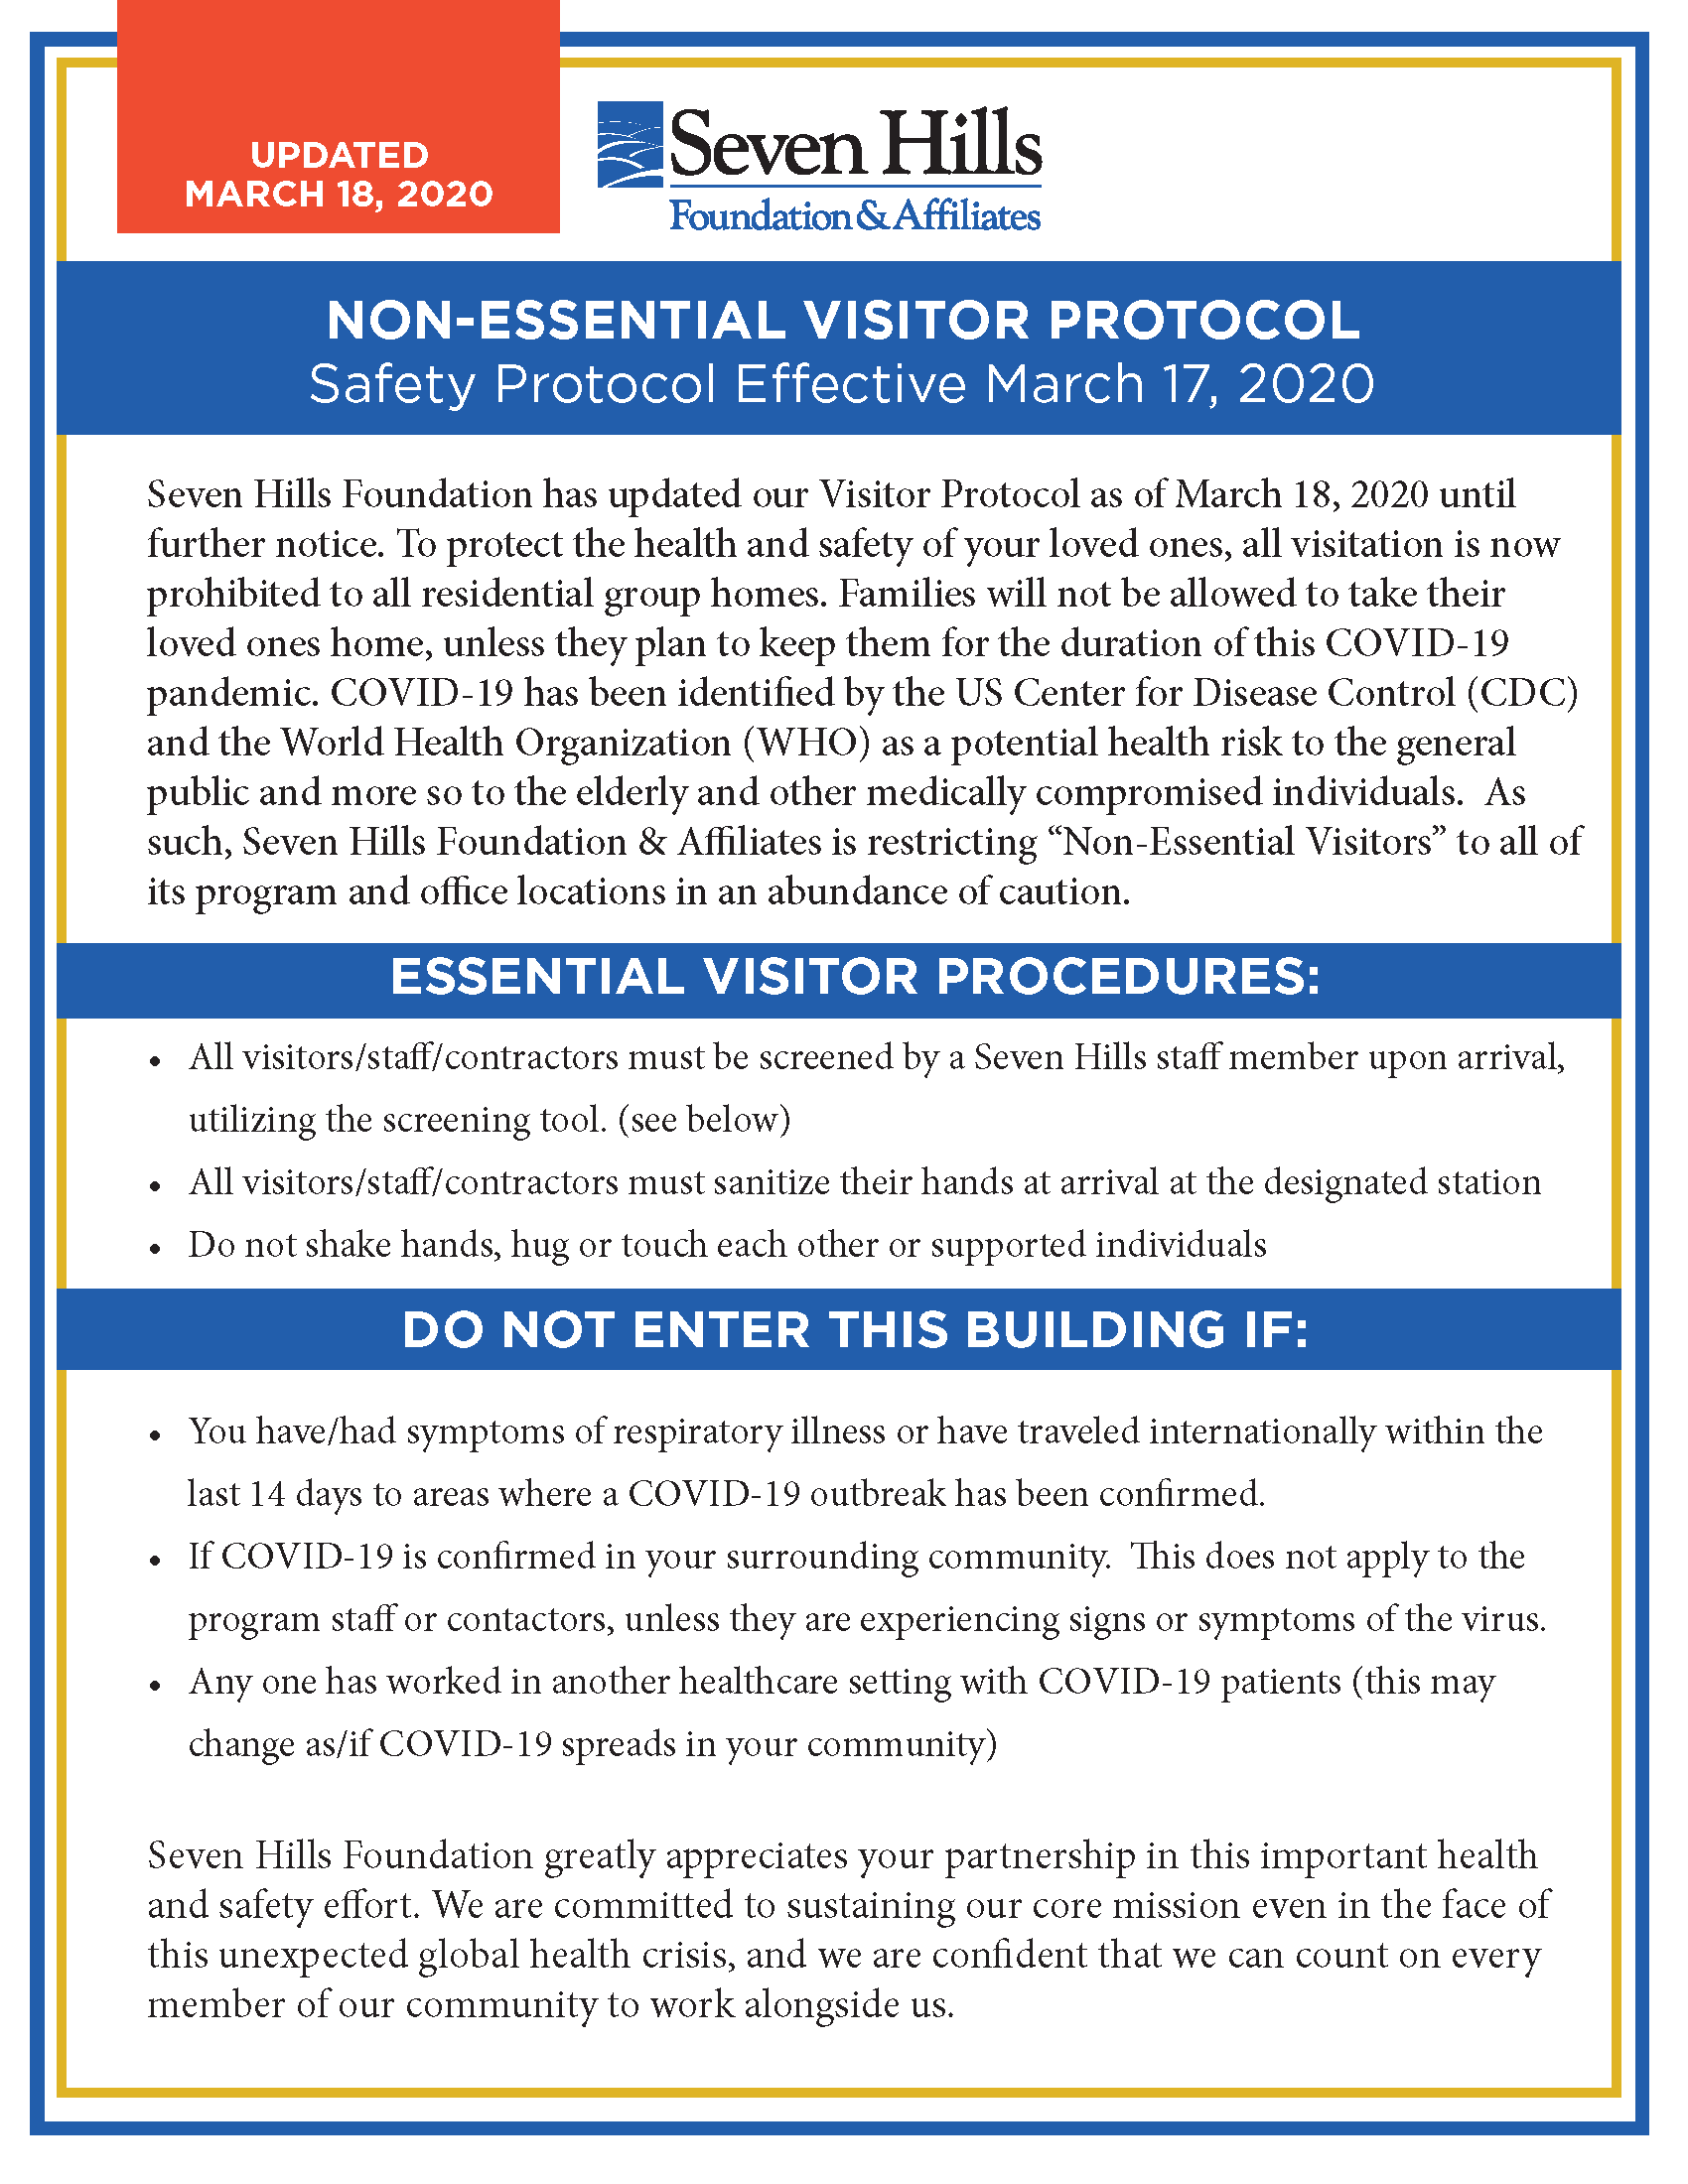 COVID19 protocol poster